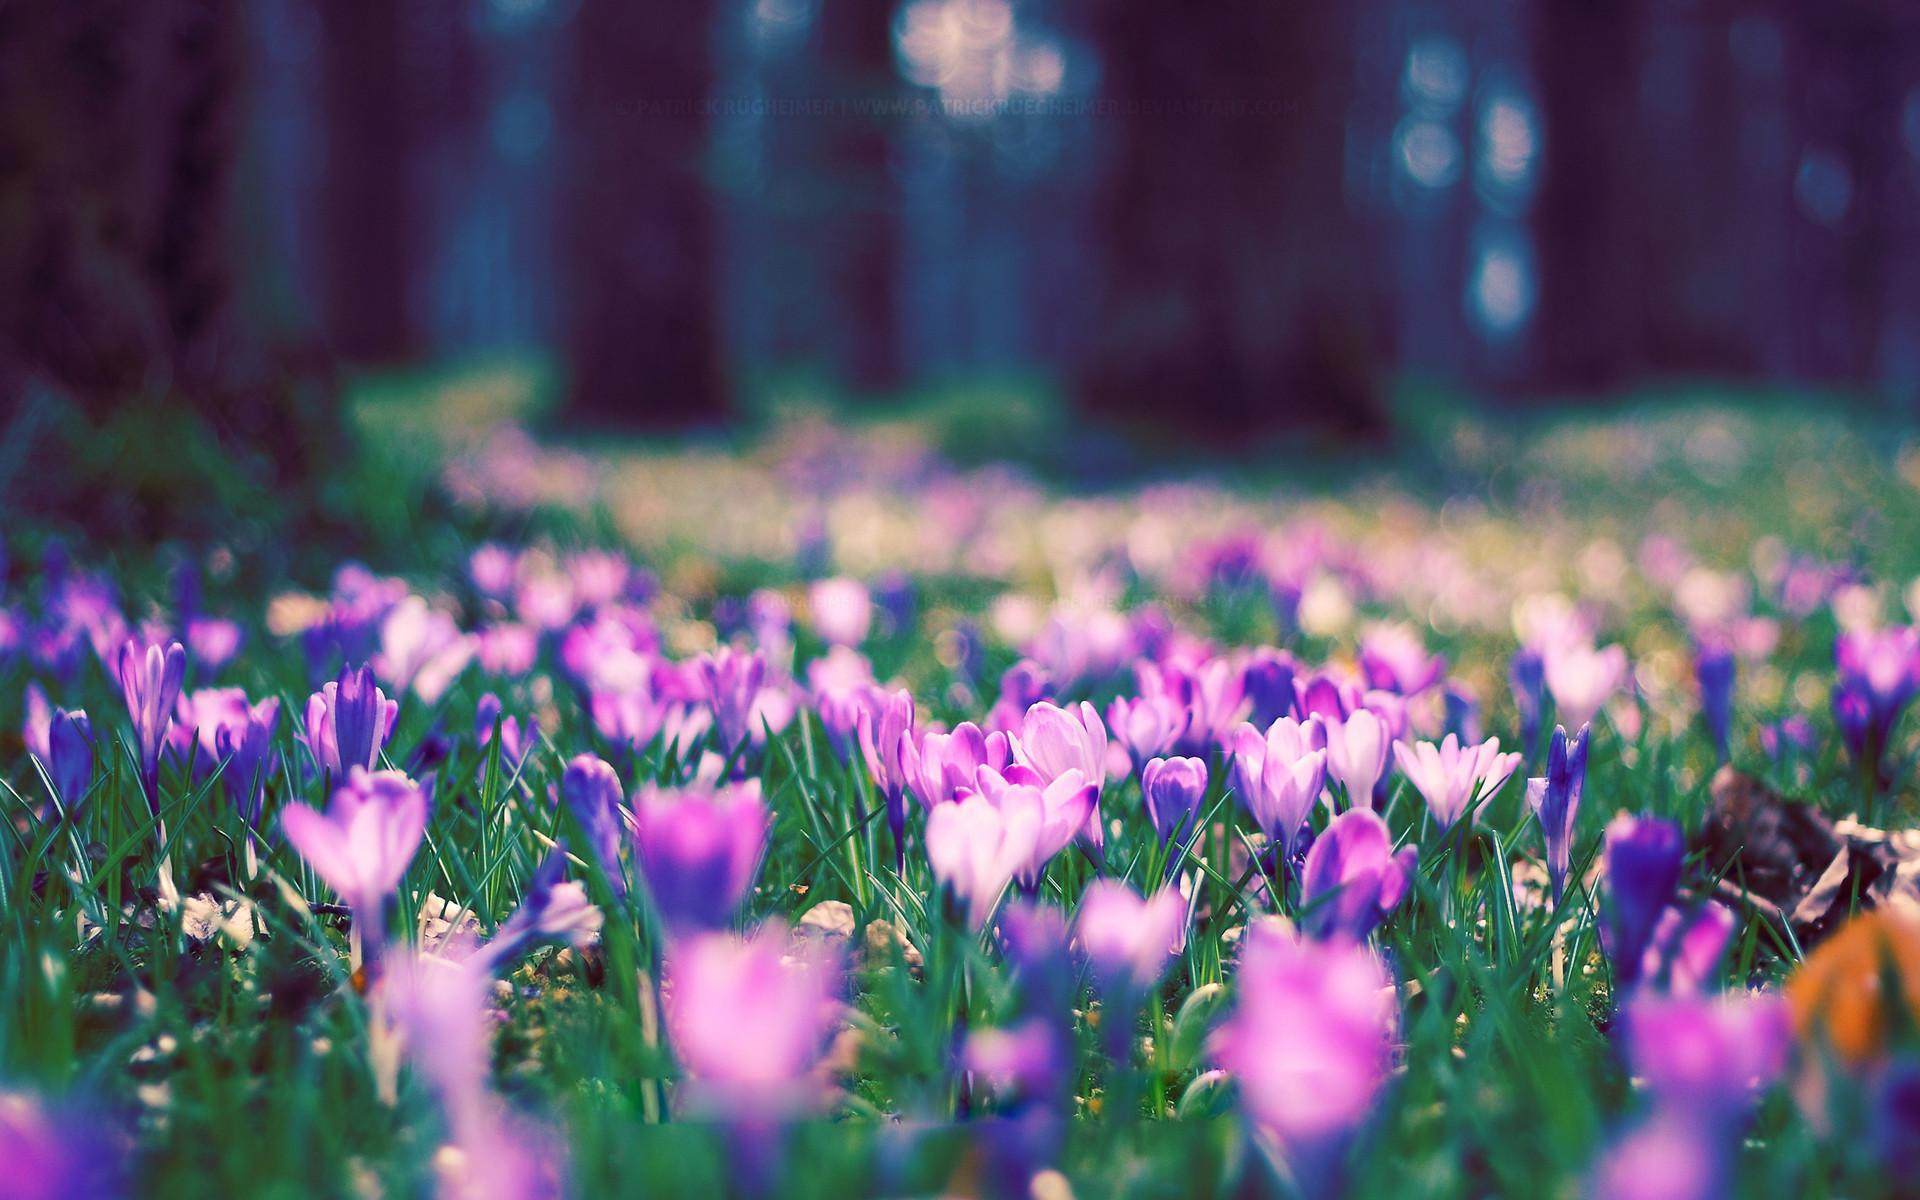 Flowers images desktop backgrounds flower mightylinksfo Gallery